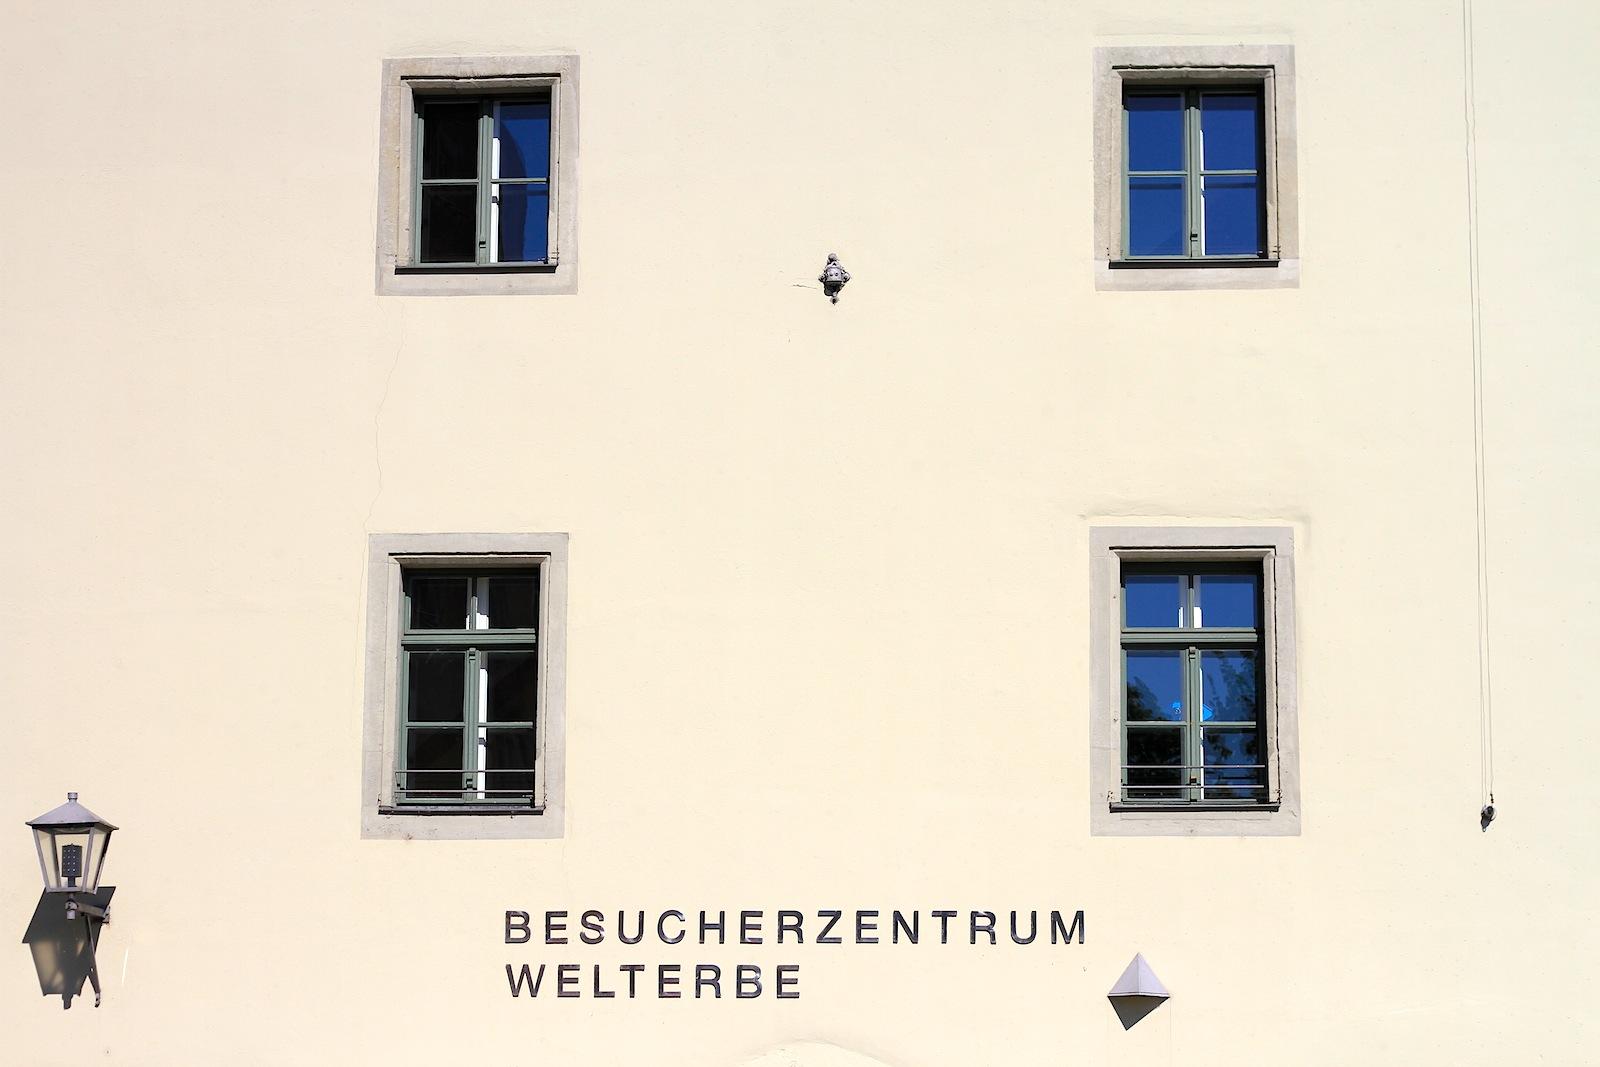 Welterbe. Besucherzentrum mit interaktiven Spielstationen, Medieninstallationen und Exponaten zu Regensburg und seiner Geschichte. Ausstellungsarchitektur und Konzeption u. a. von a-u-r-a-architekten aus Ulm